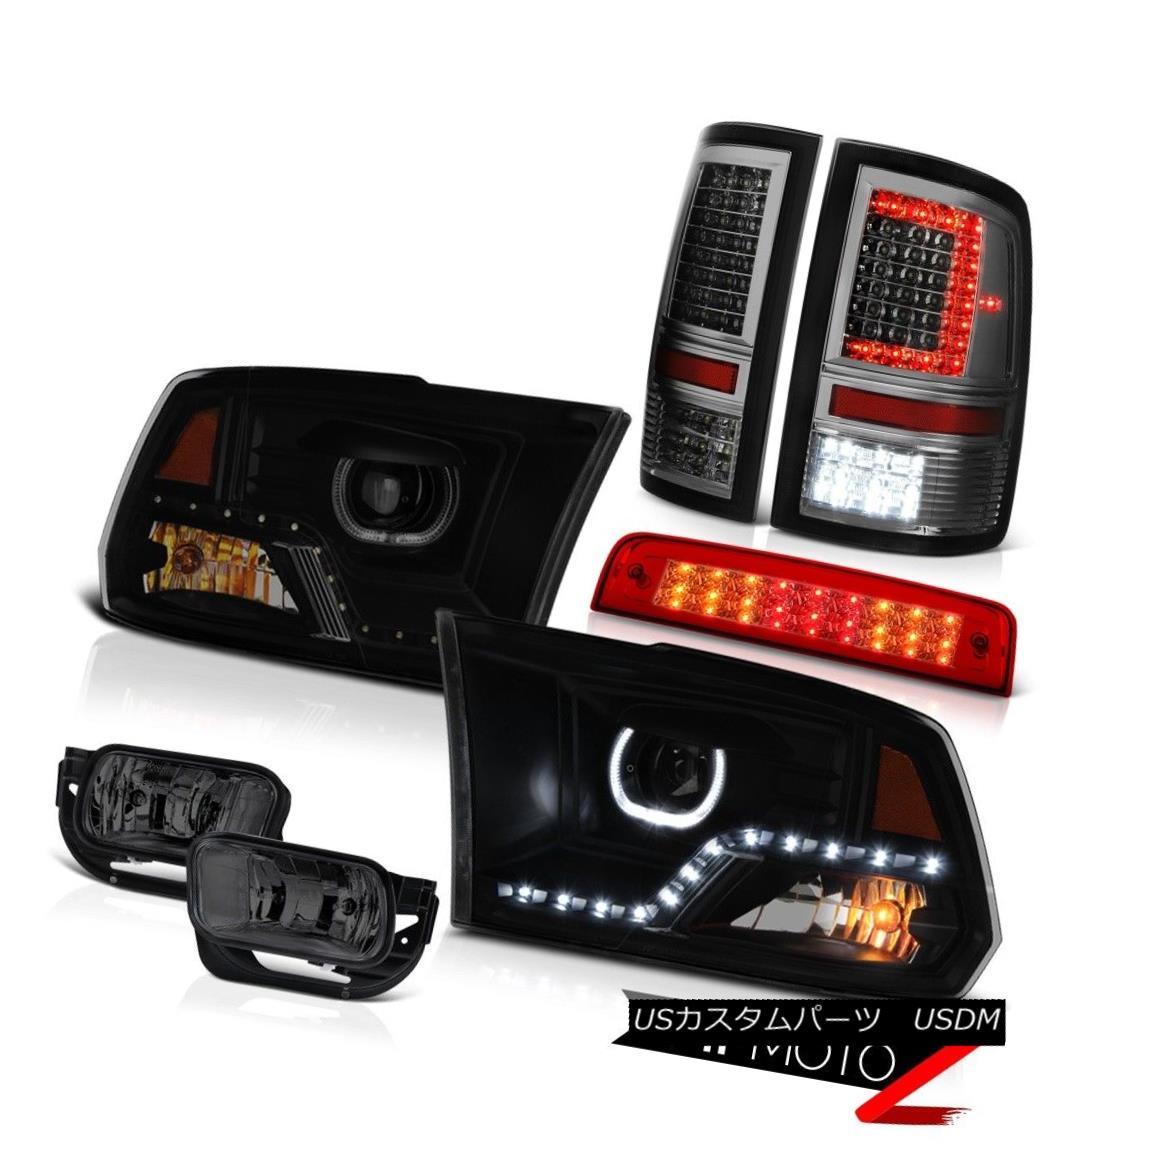 テールライト 09-13 Dodge RAM 1500 2500 3500 Tail Light DRL Headlight 3rd Brake Driving Lamps 09-13 Dodge RAM 1500 2500 3500テールライトDRLヘッドライト第3ブレーキ駆動ランプ